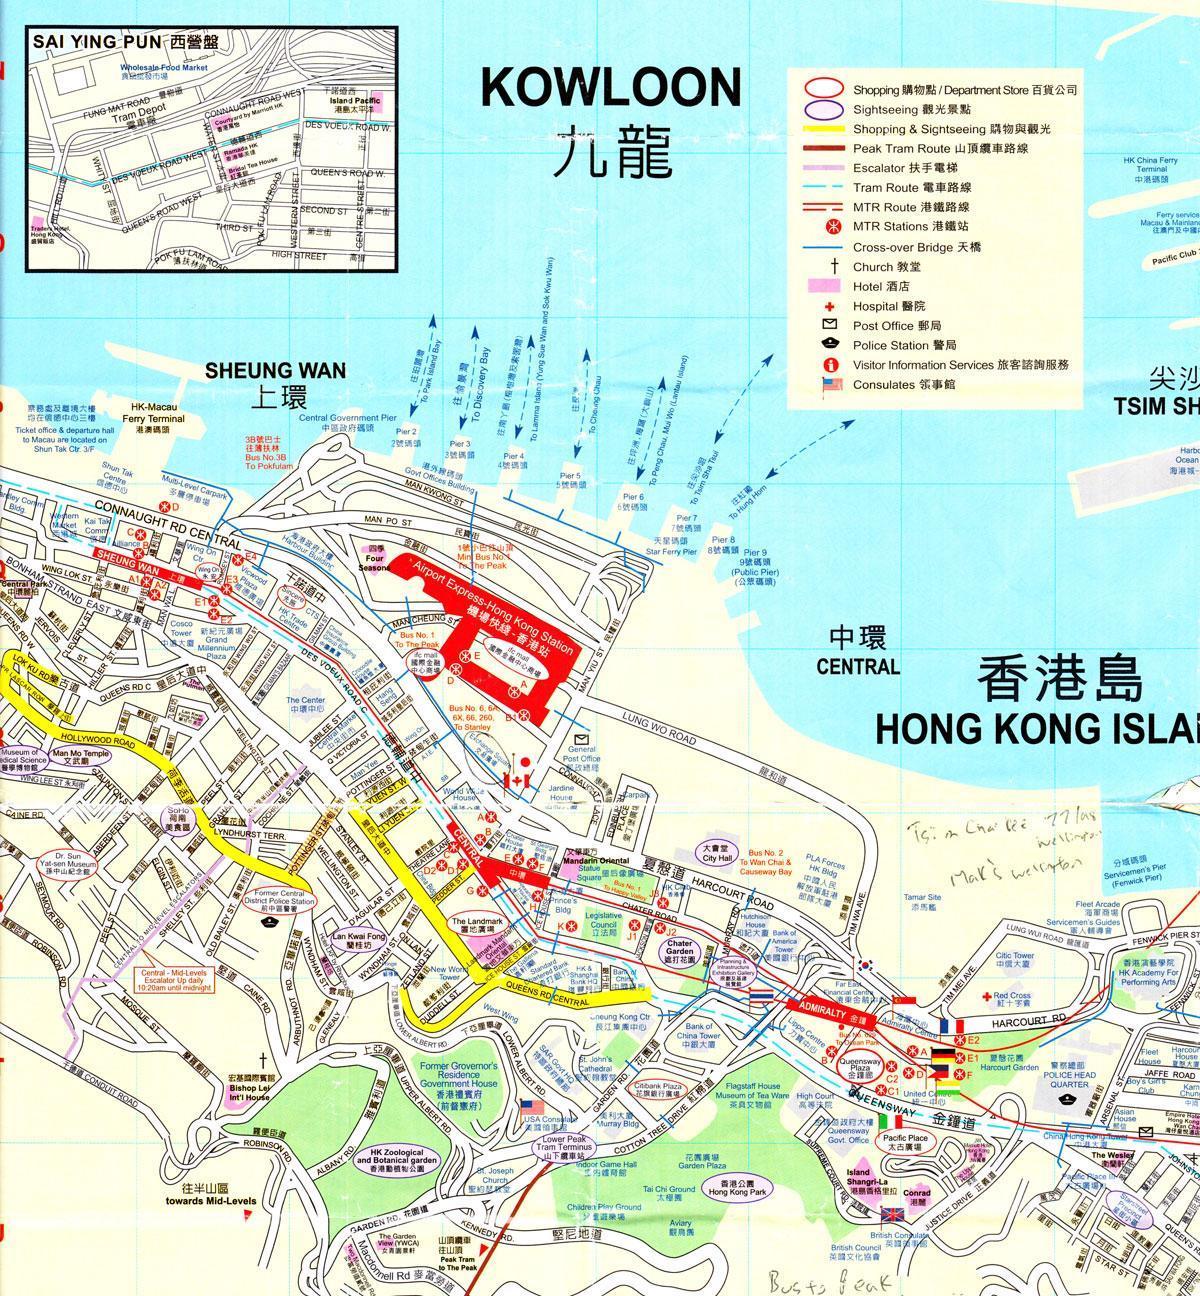 Karte China Hong Kong.Hong Kong Port Karte Hafen Von Hong Kong Karte China